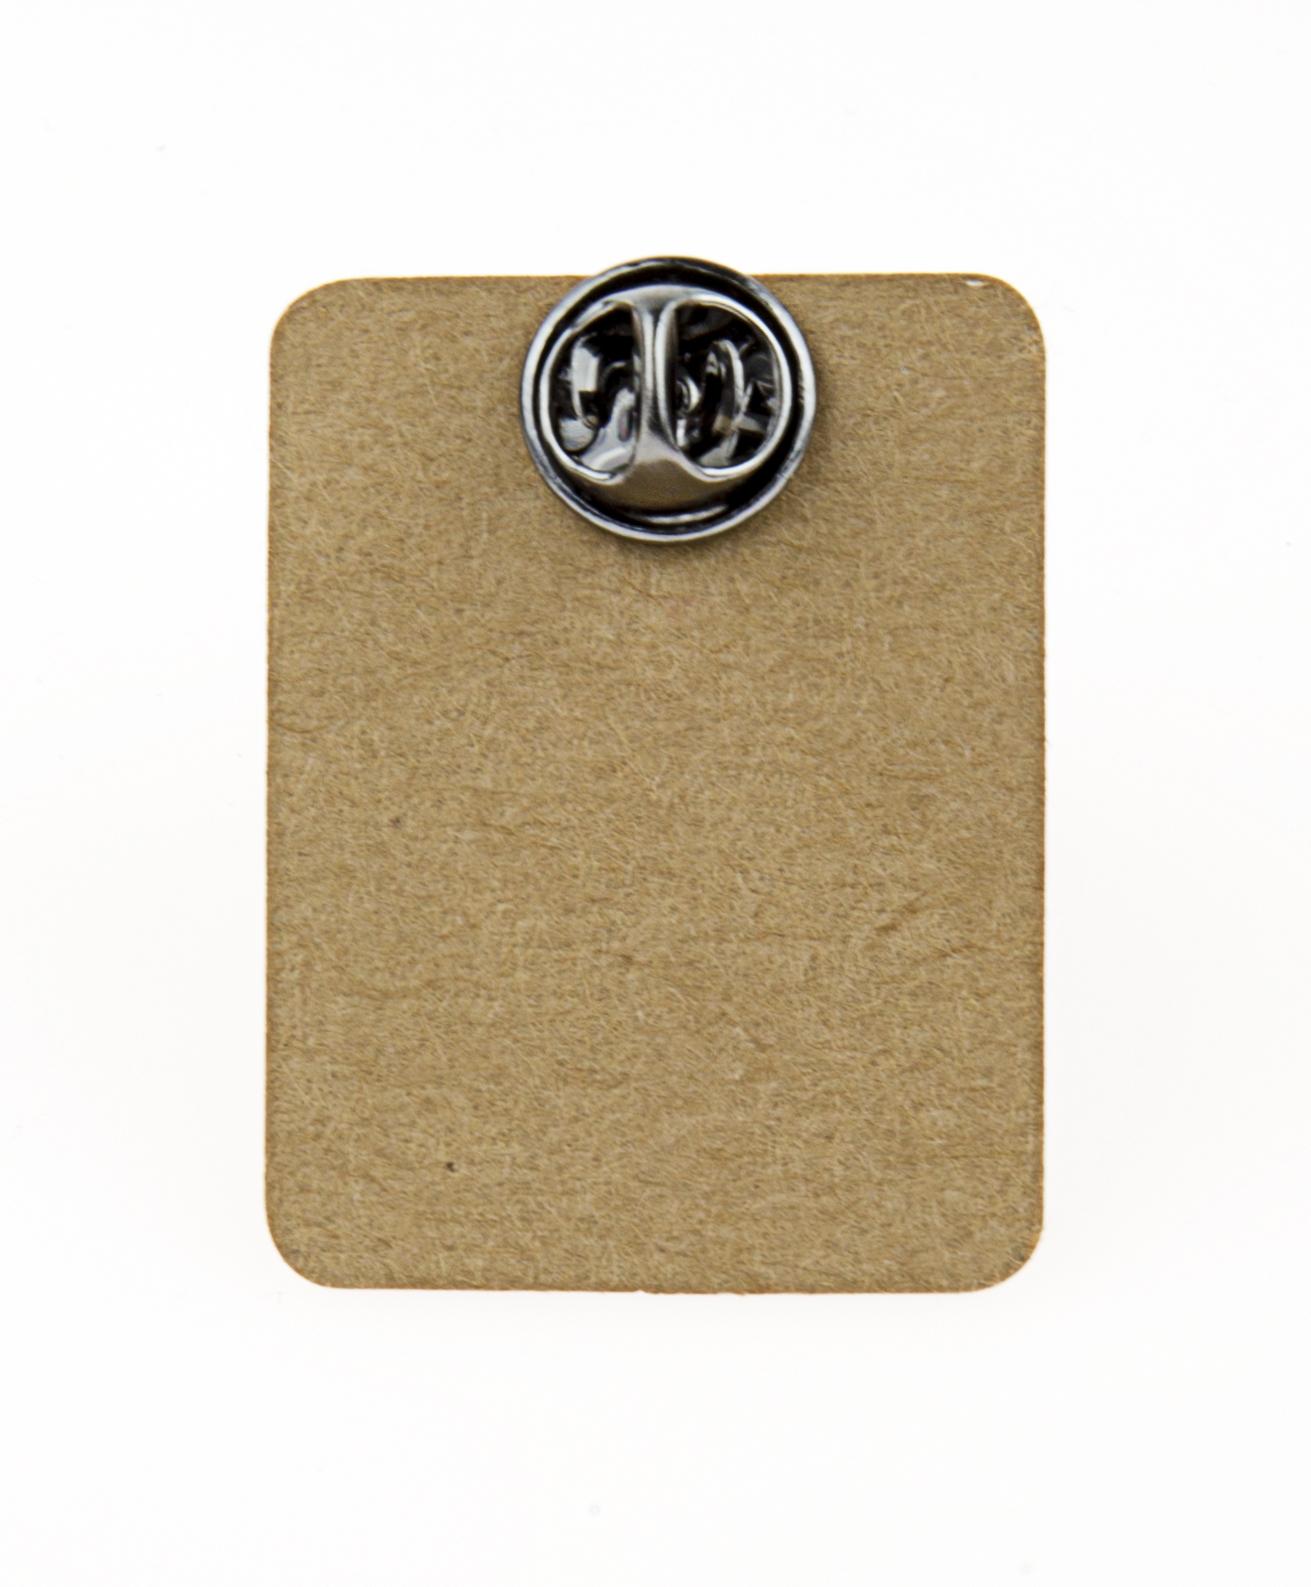 Metal White Flamingo Enamel Pin Badge